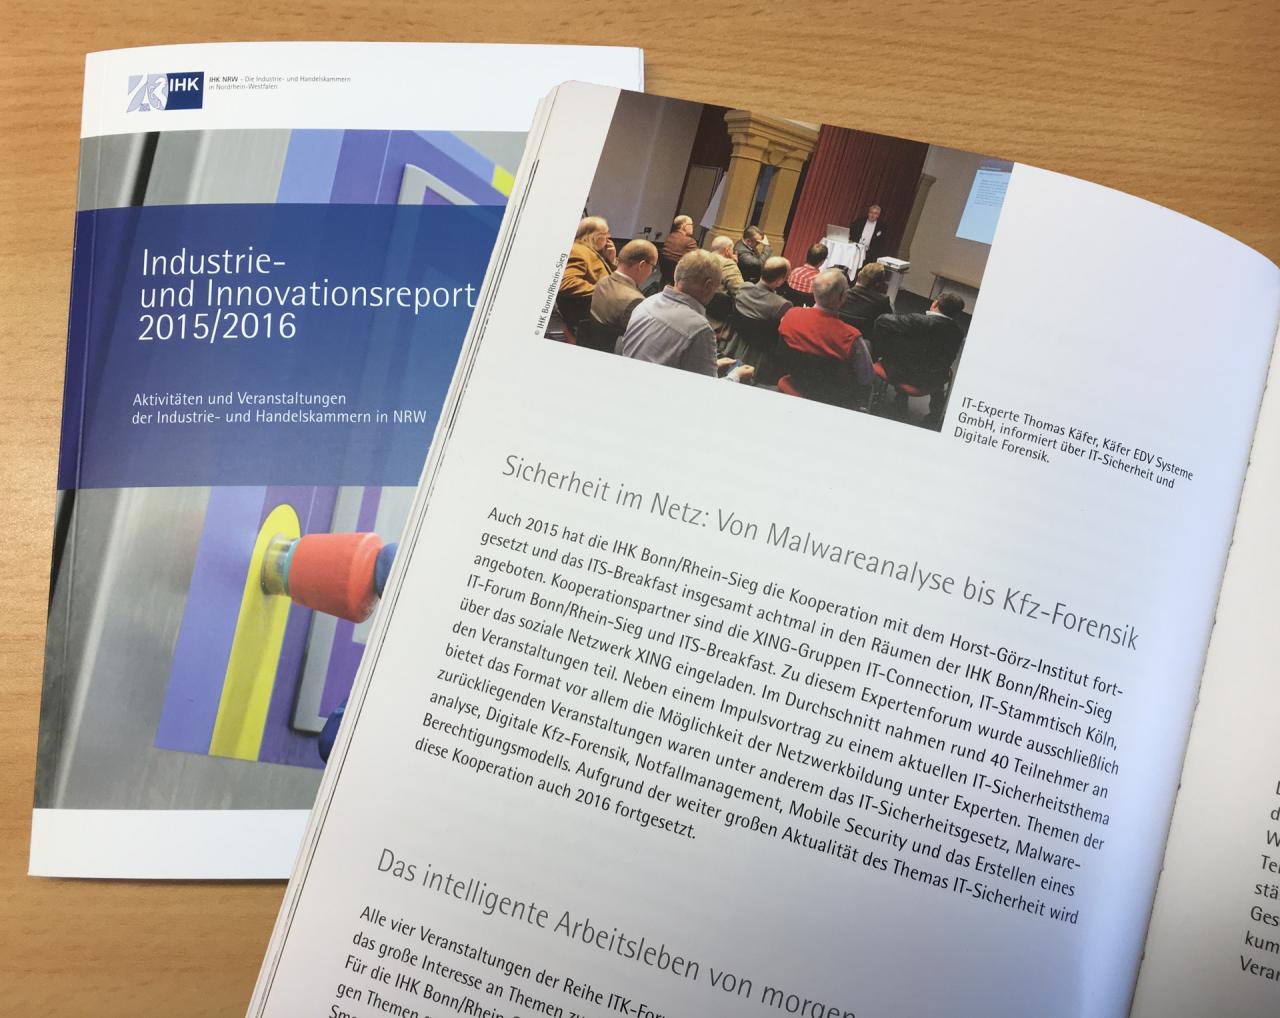 Digitale Forensik ist ein Thema im Innovationsreport der IHK NRW